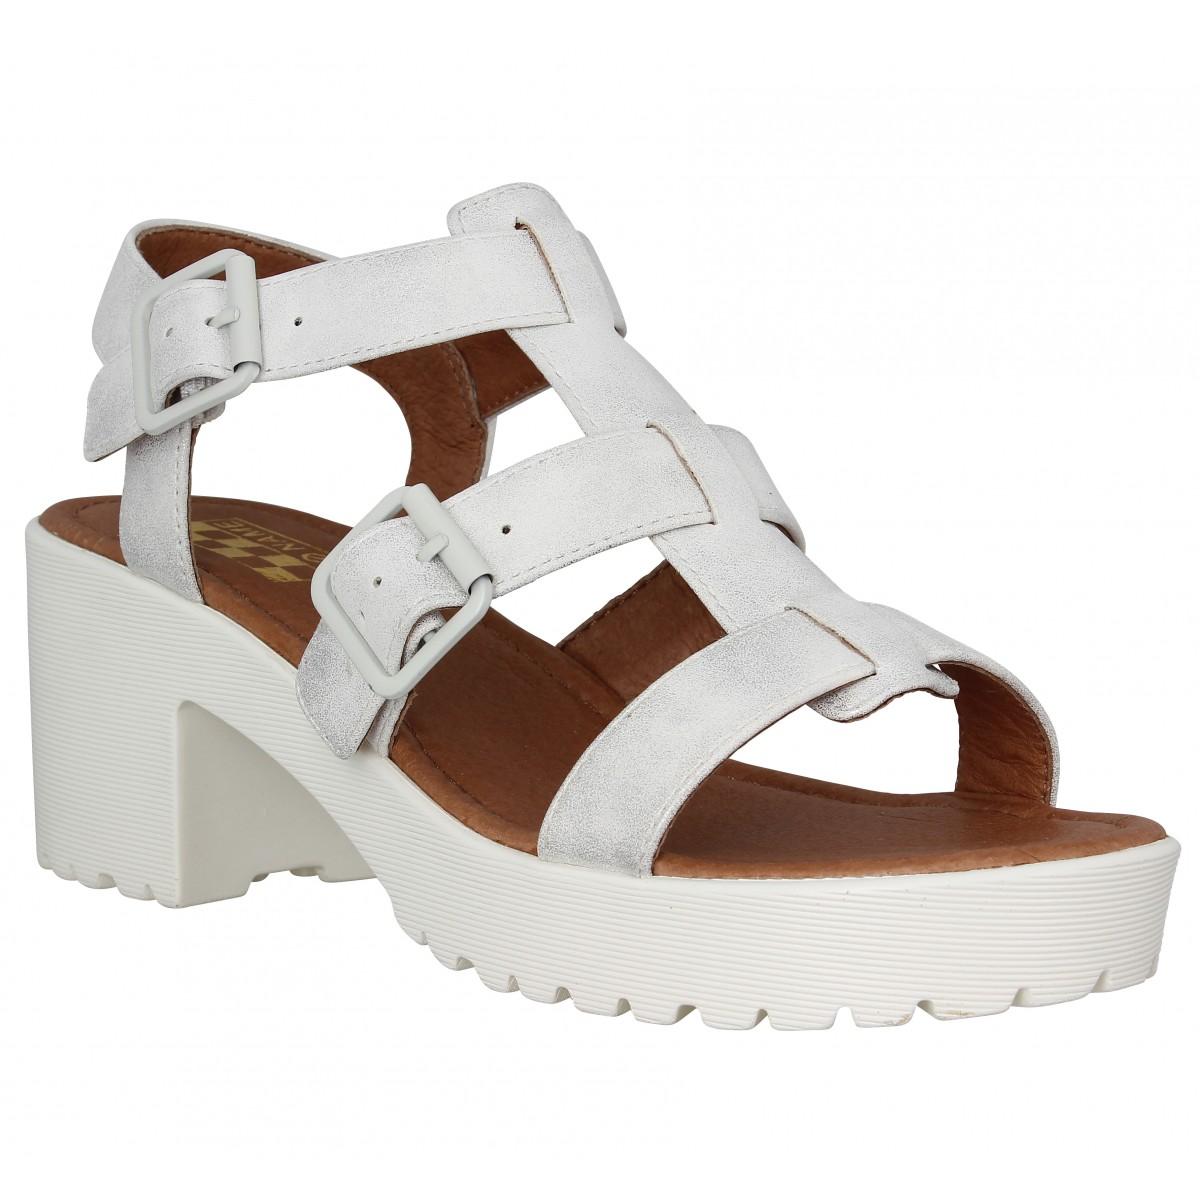 Sandales talons NO NAME Tango Sandal glow Femme Blanc